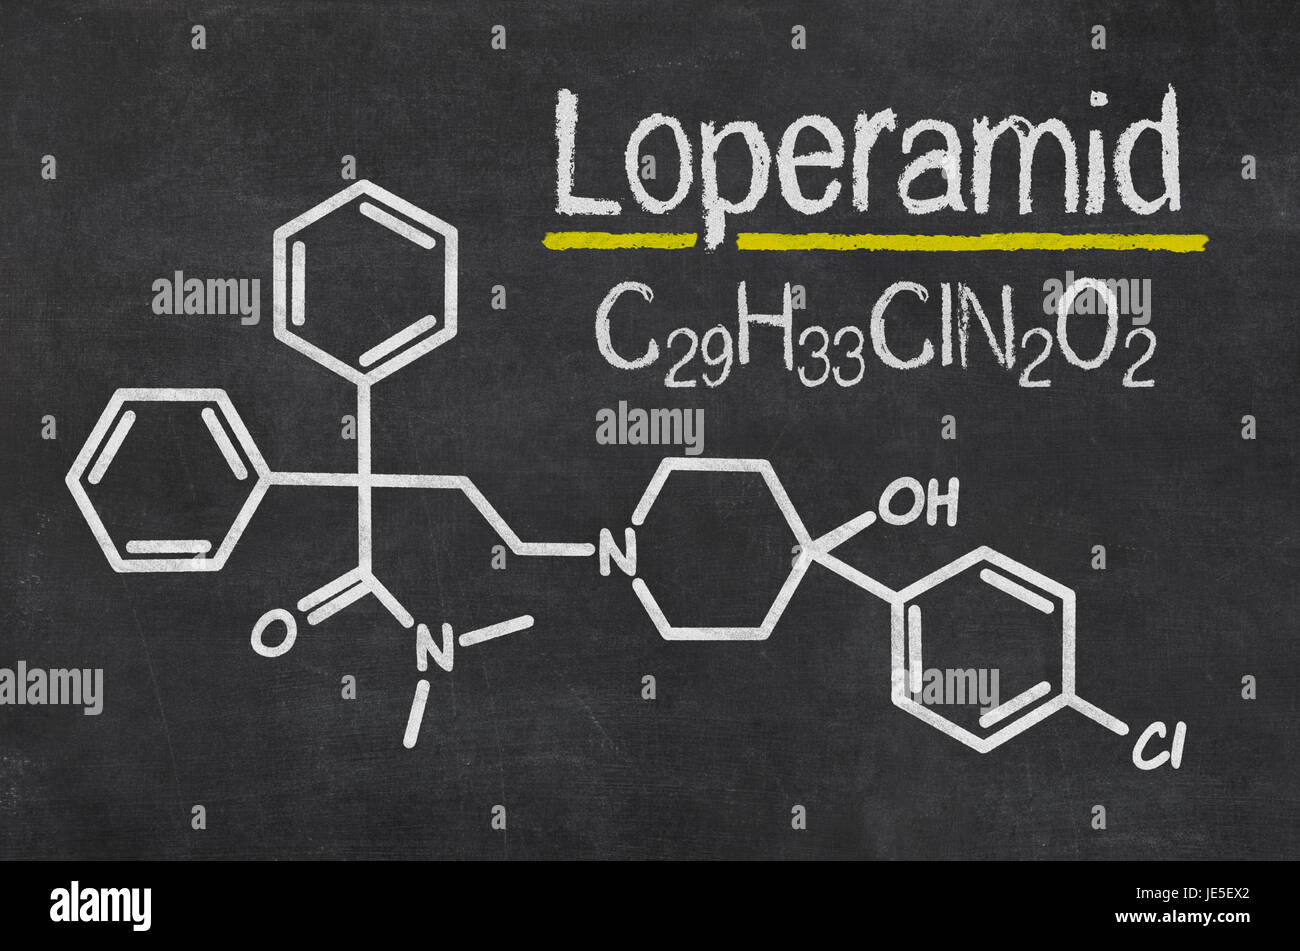 Schiefertafel mit der chemischen Formel von Loperamid Stock Photo